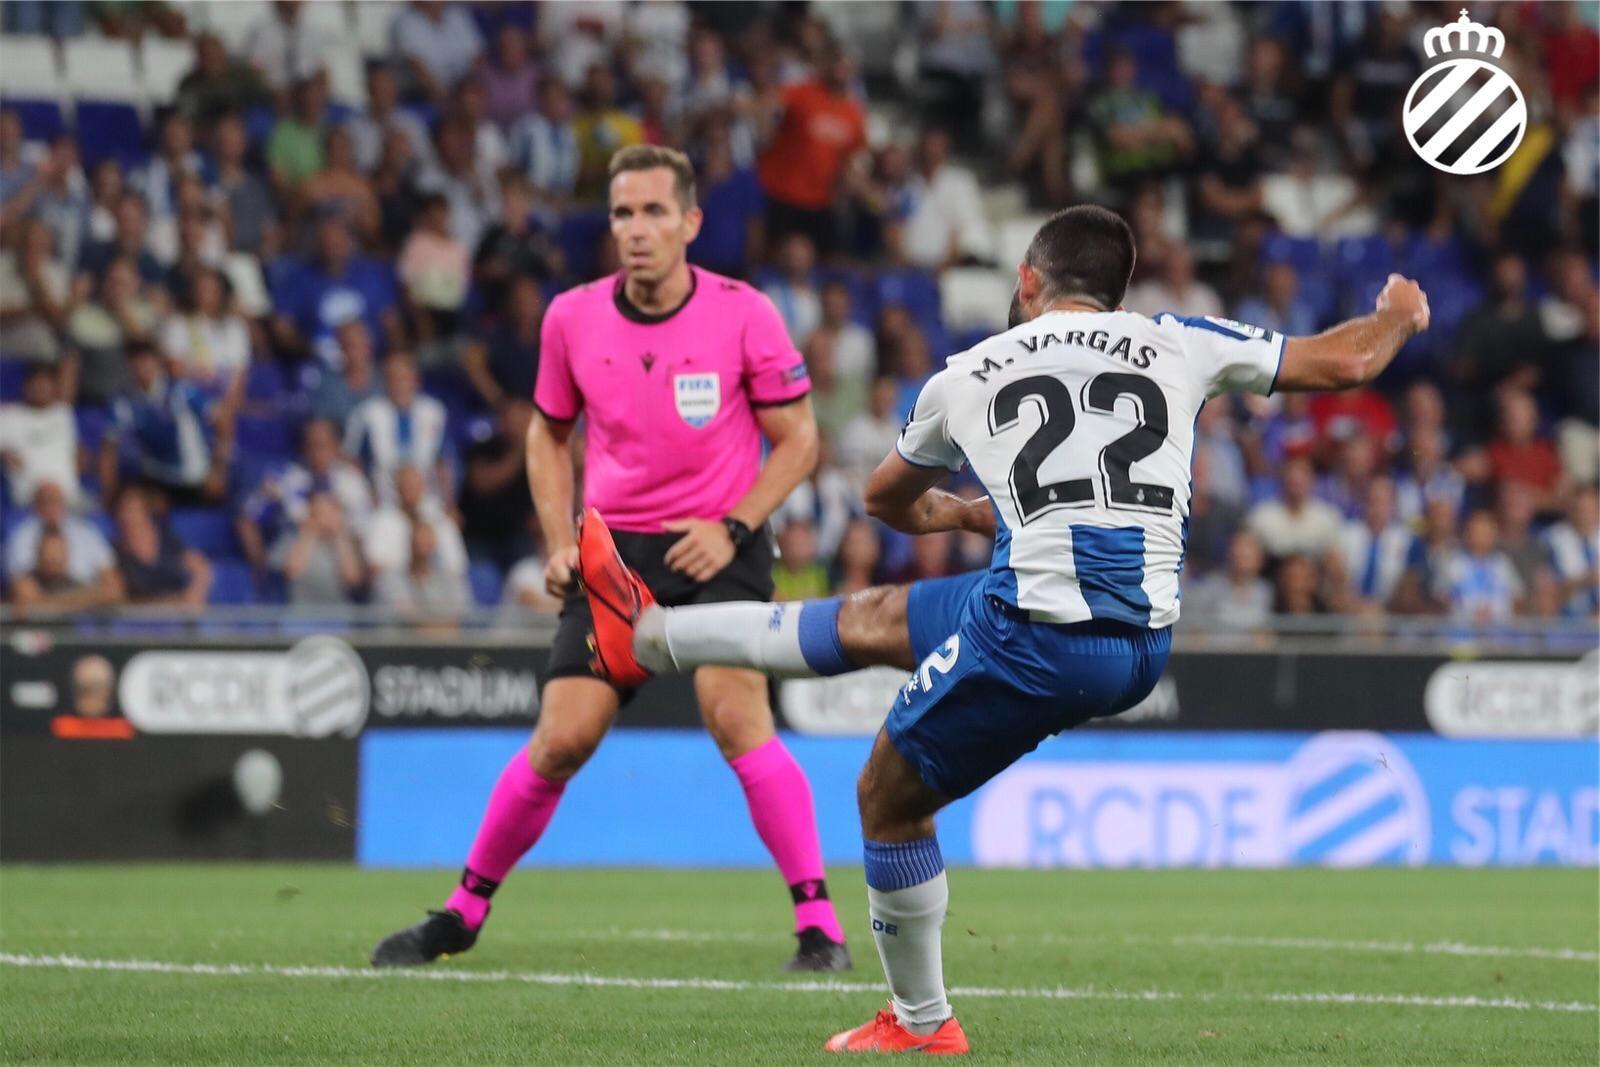 Remate de Vargas tras el cambio de Gallego.